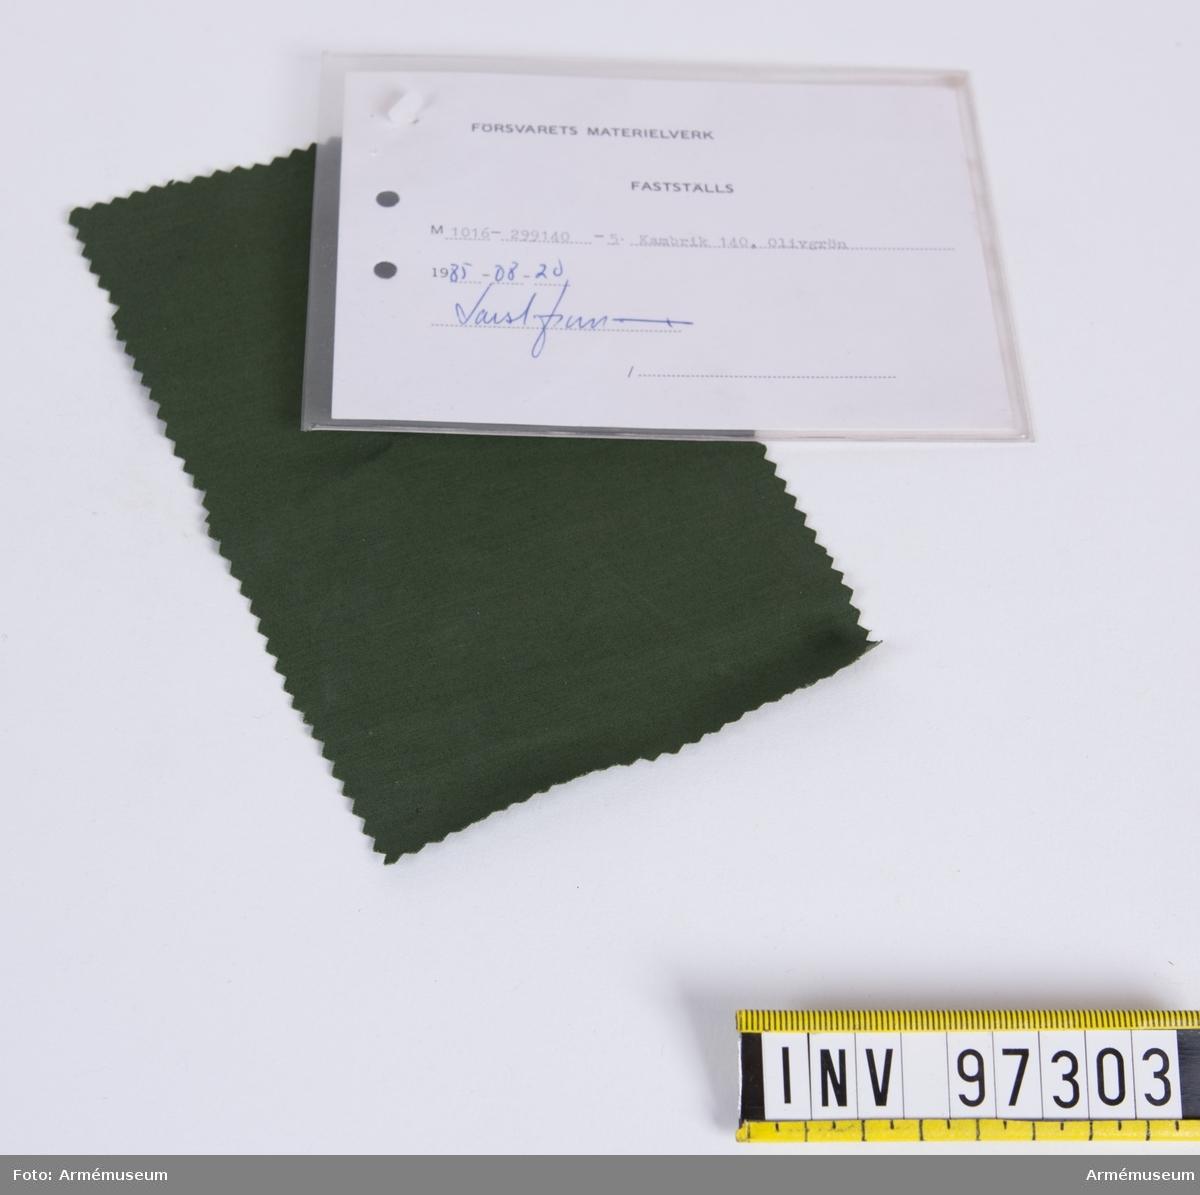 """Vidhängande modellapp med text: """"Försvarets materielverk. Fastställs. M 1016-299140-5. Kambrik 140, Olivgrön. 1985-08-20  (oläslig sign)"""""""